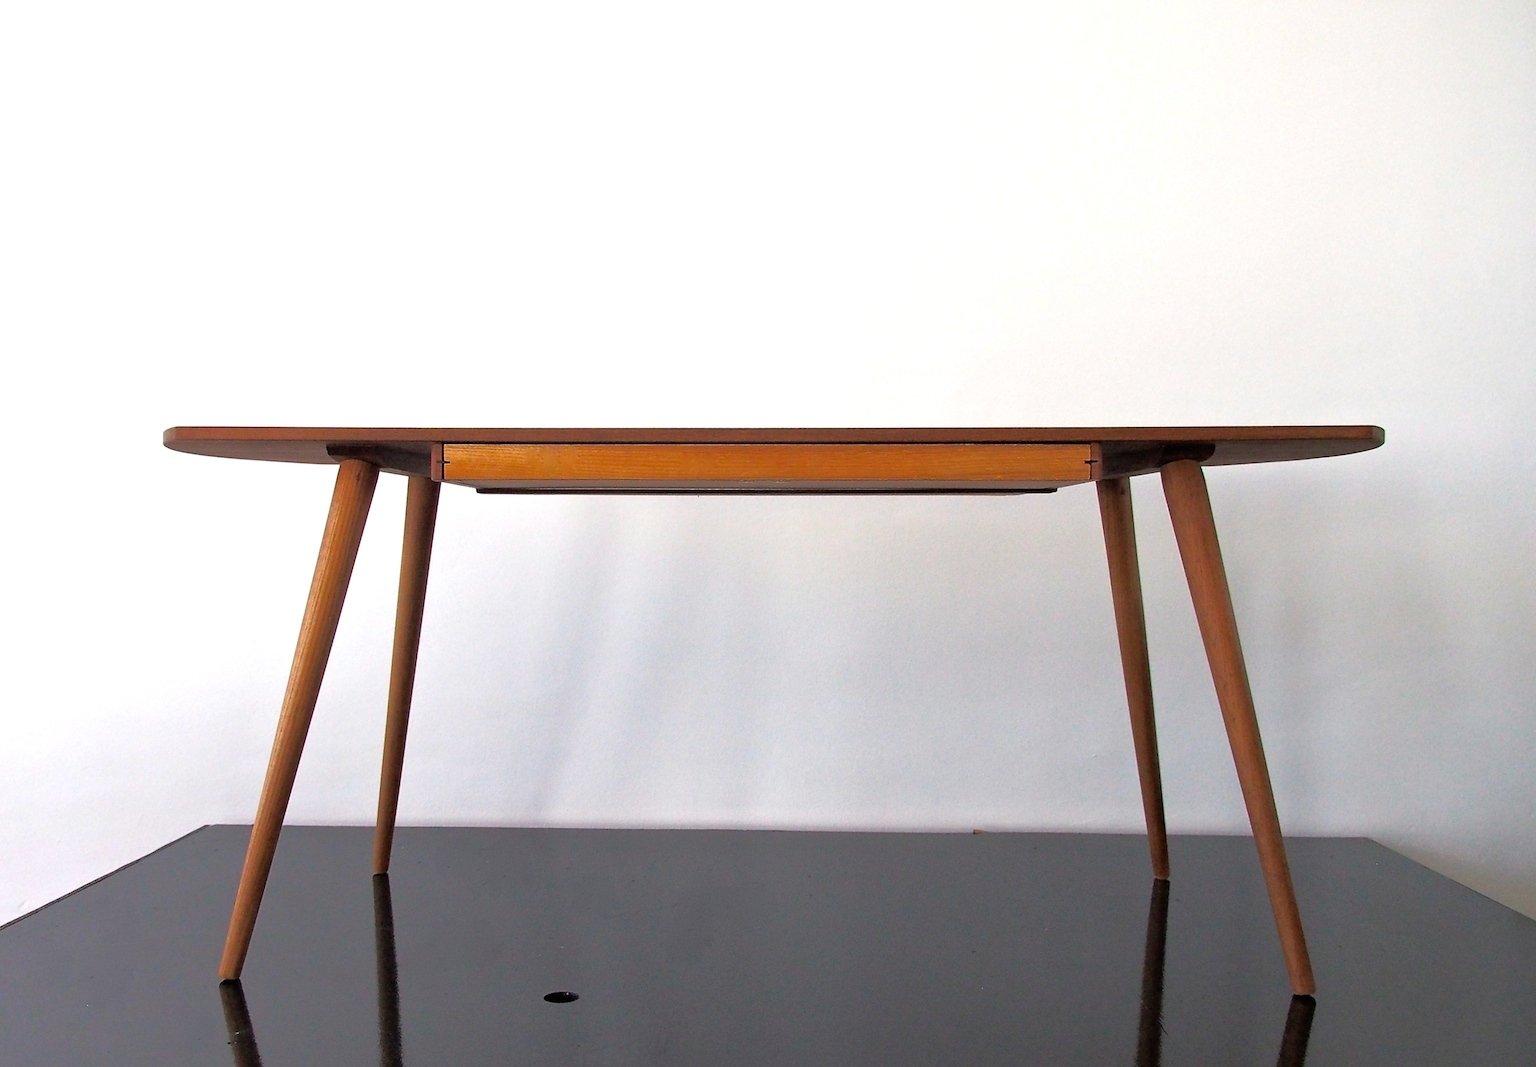 Schreibtisch designklassiker  Dänischer Modell S-Board Schreibtisch aus Teak von B. G. Design ...